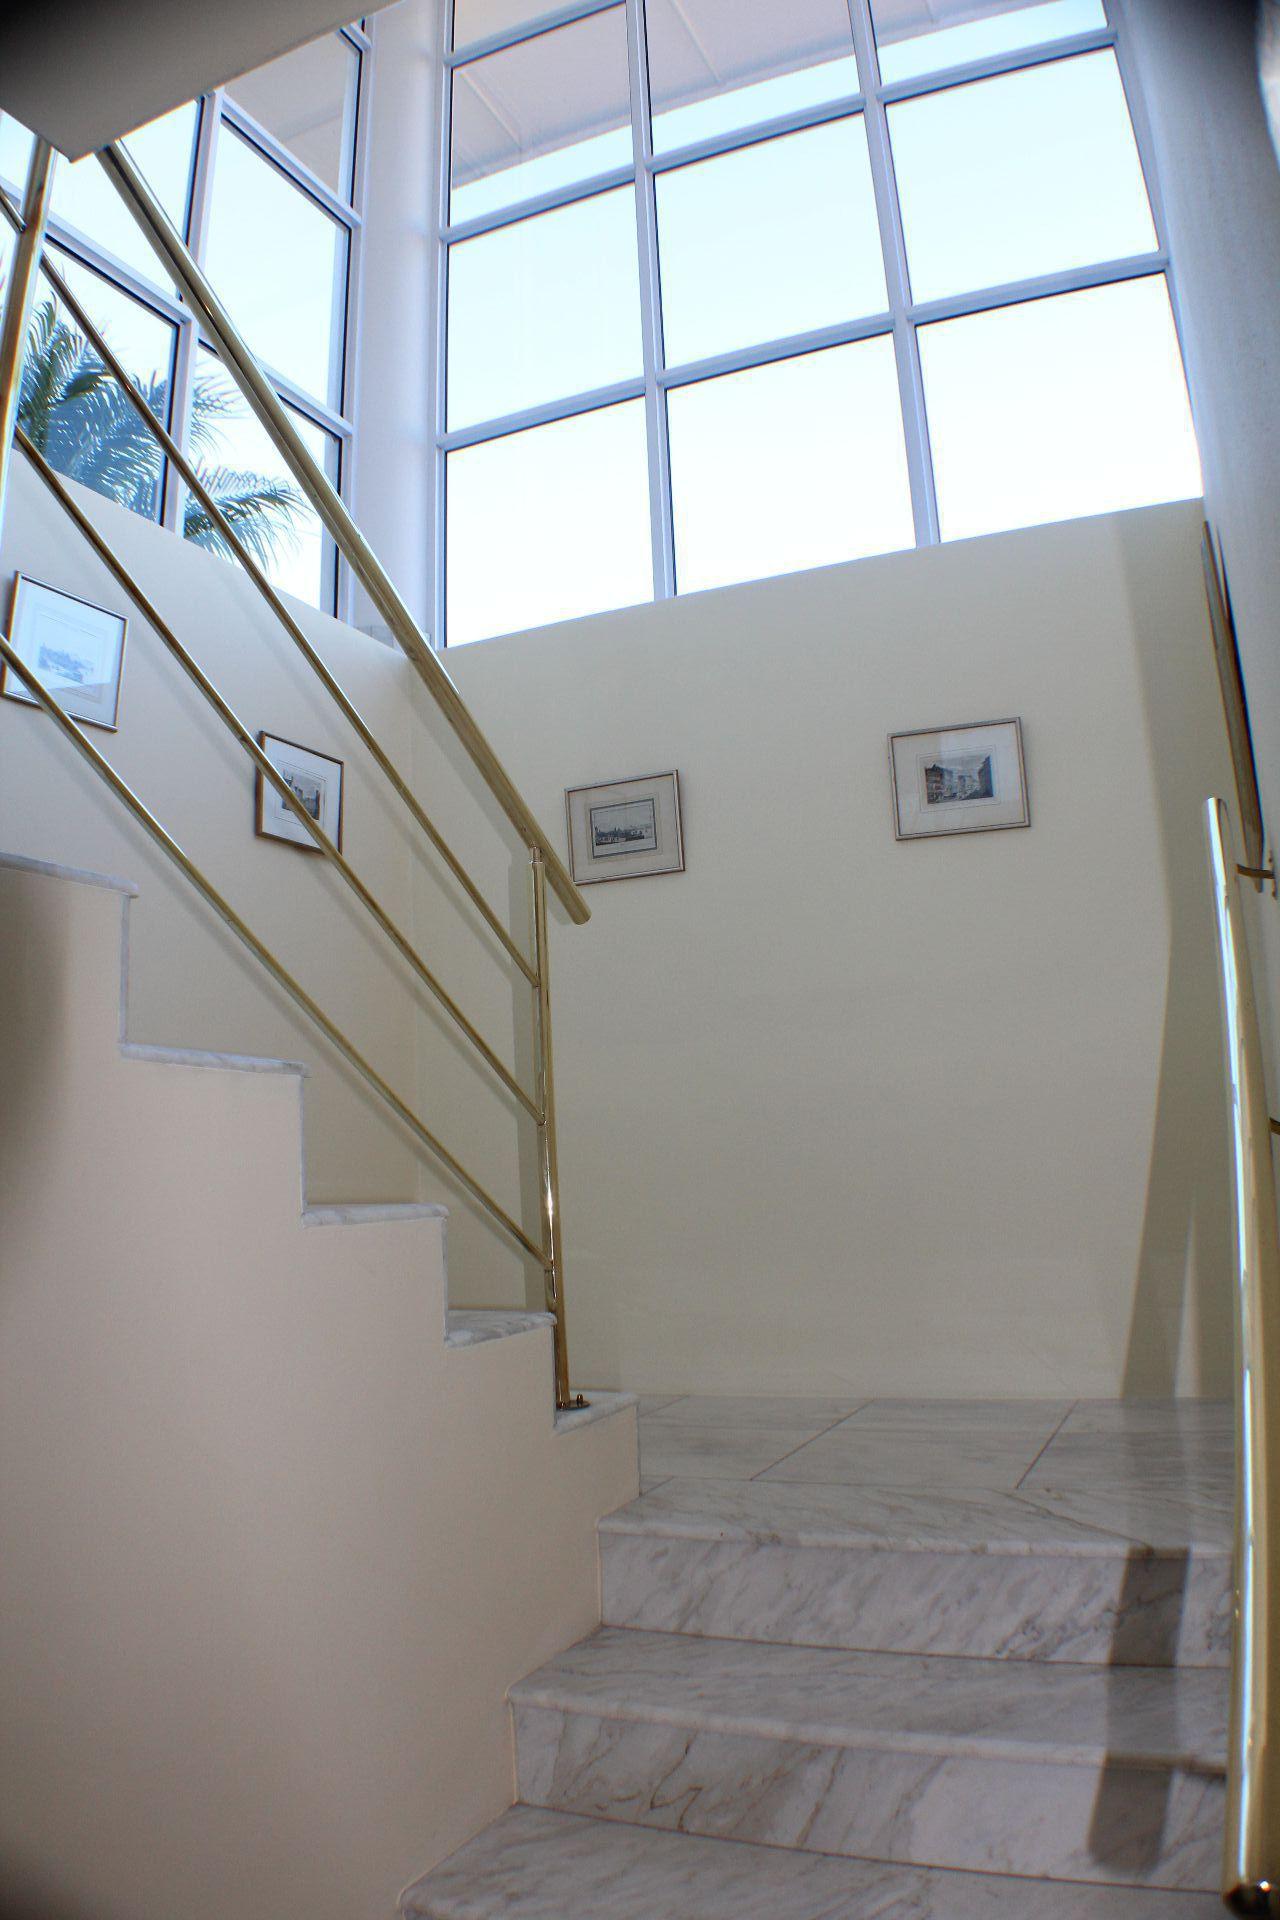 Erinvale Golf Estate property for sale. Ref No: 13509371. Picture no 6